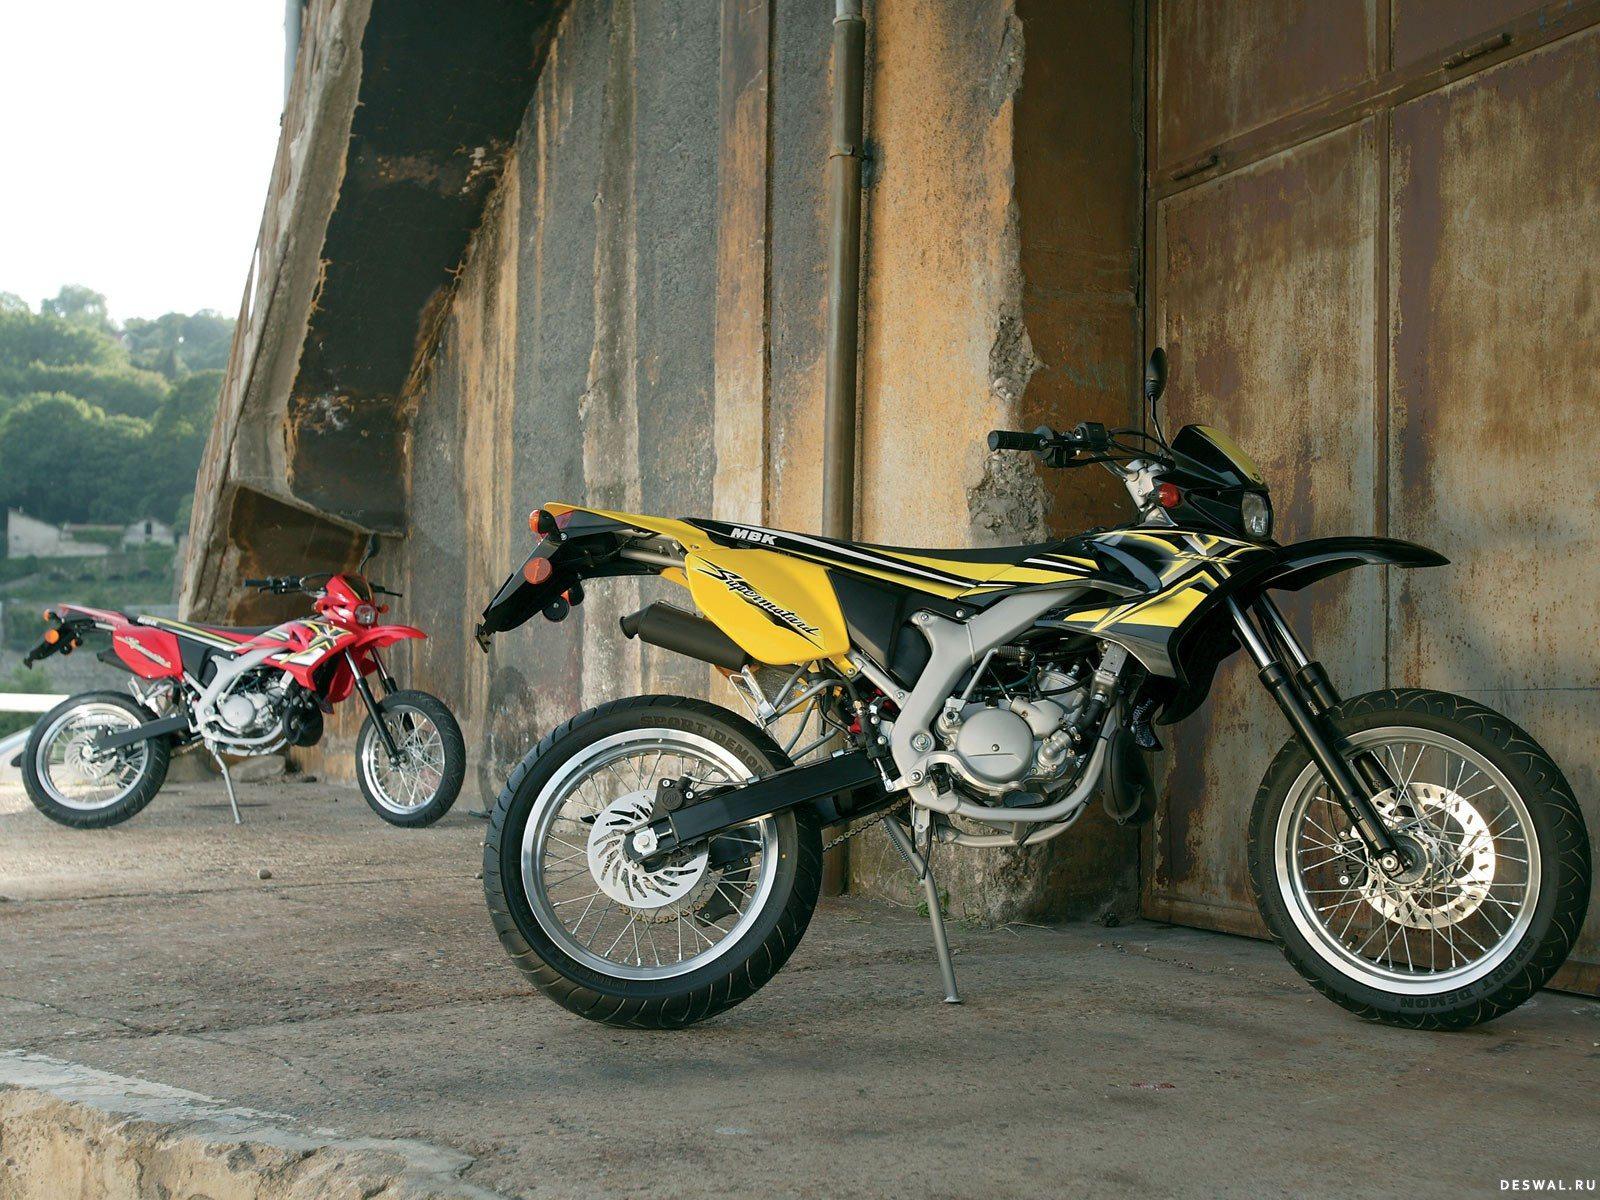 Мото МБК на замечательной фотообои. Нажмите на картинку с обоями мотоцикла mbk, чтобы просмотреть ее в реальном размере